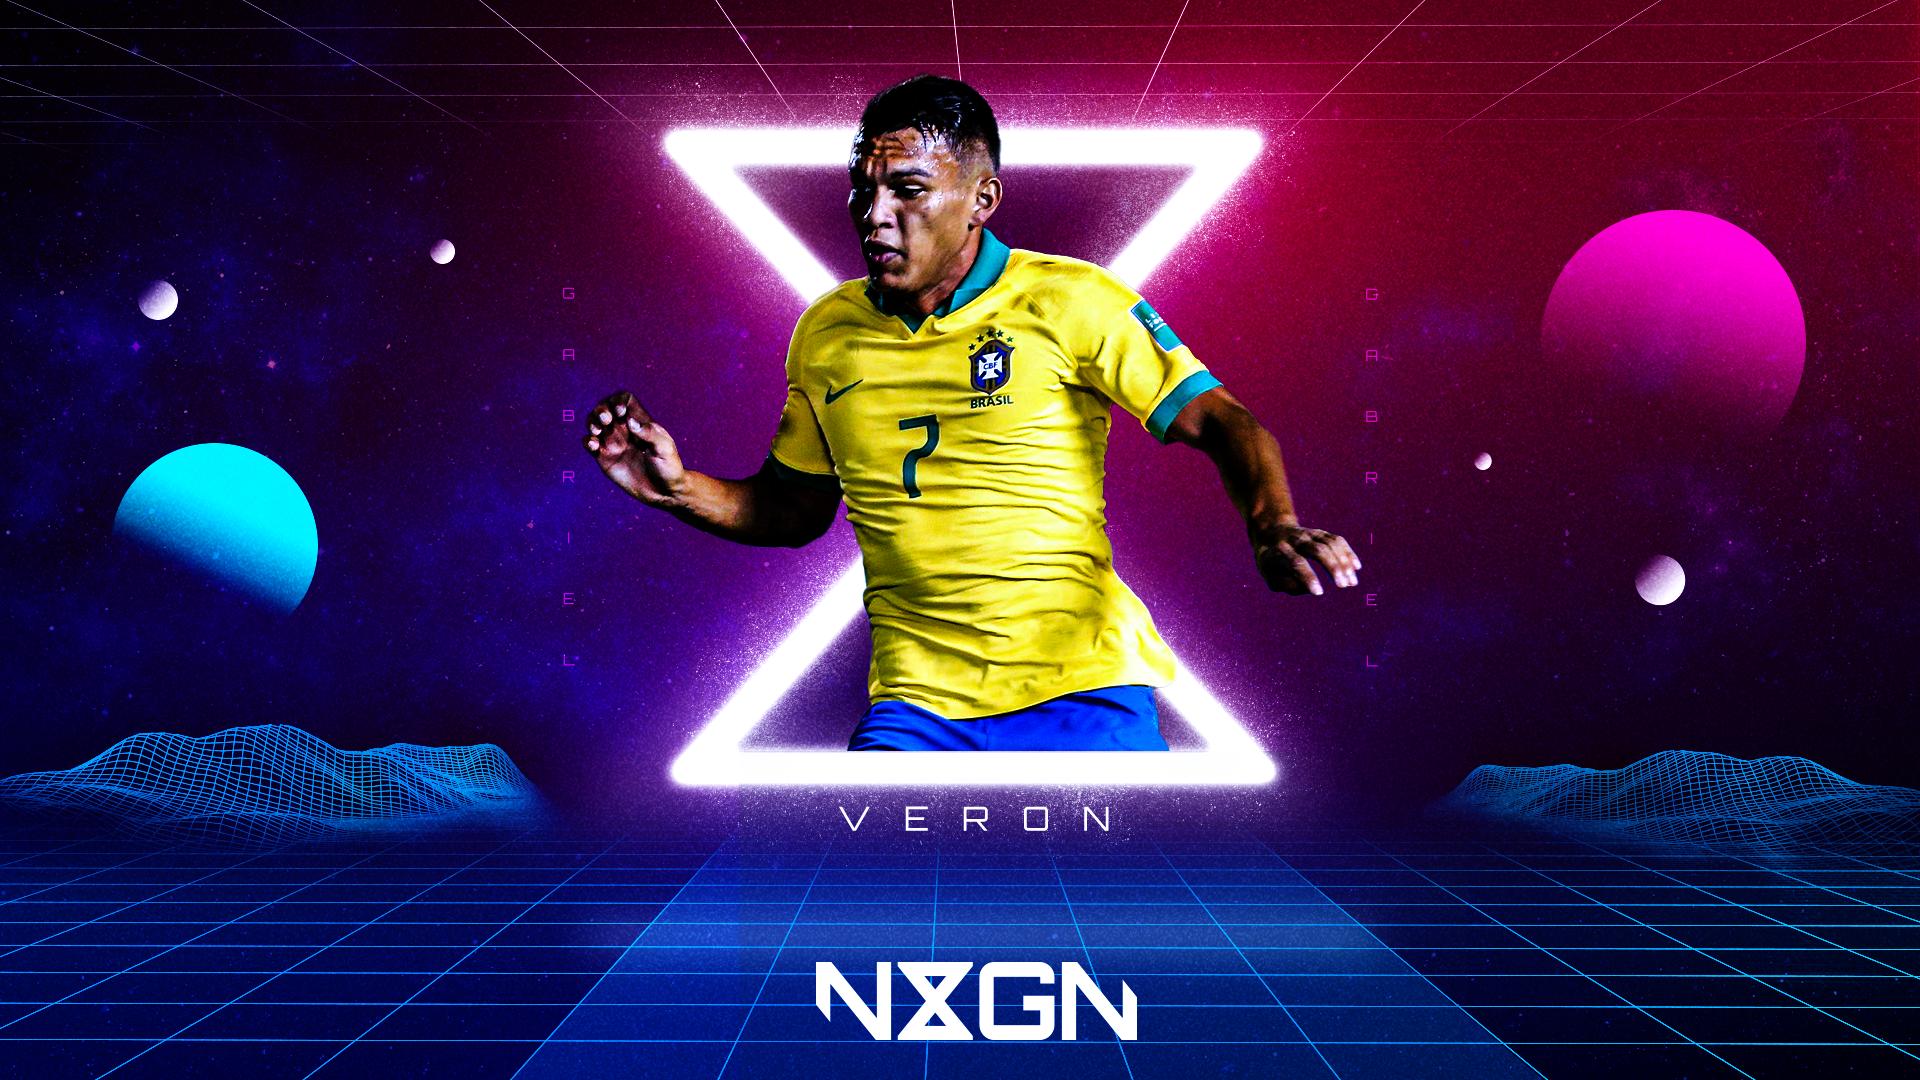 Gabriel Veron: Brazil's teenage star named after an Argentina legend